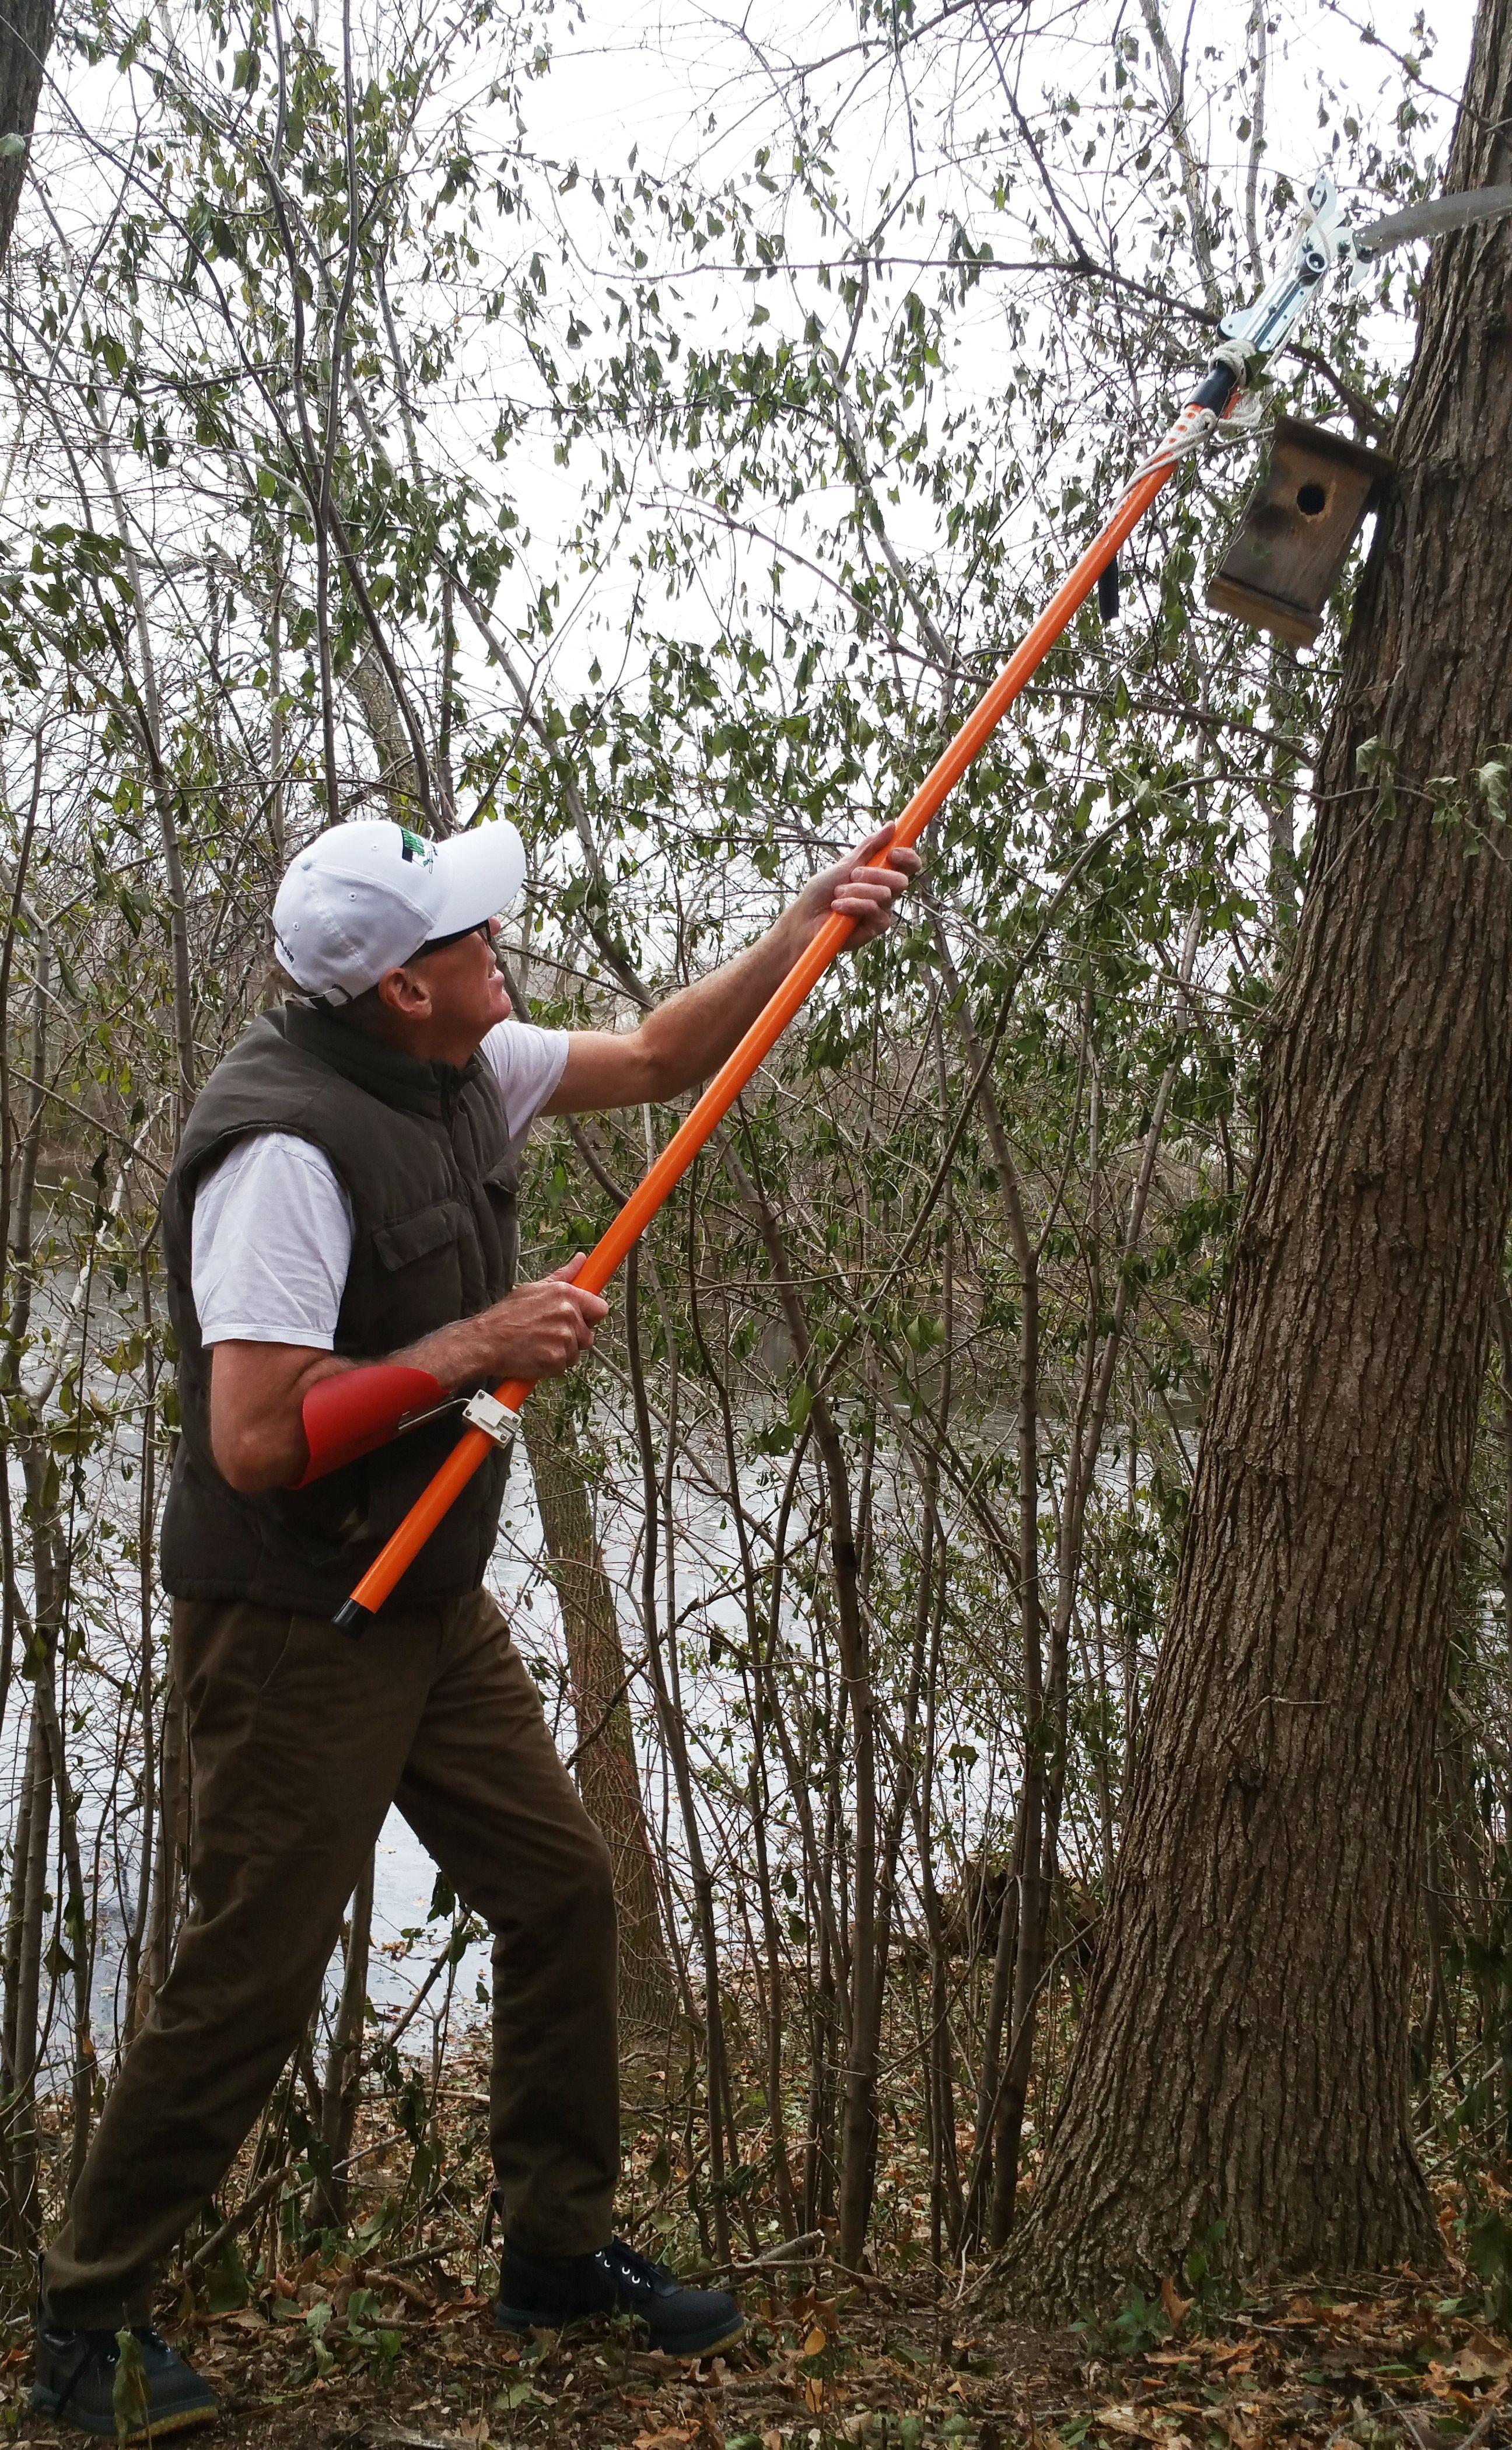 limb walkers tree service on 11 tree care arborists ideas tree care pole saw arborist 11 tree care arborists ideas tree